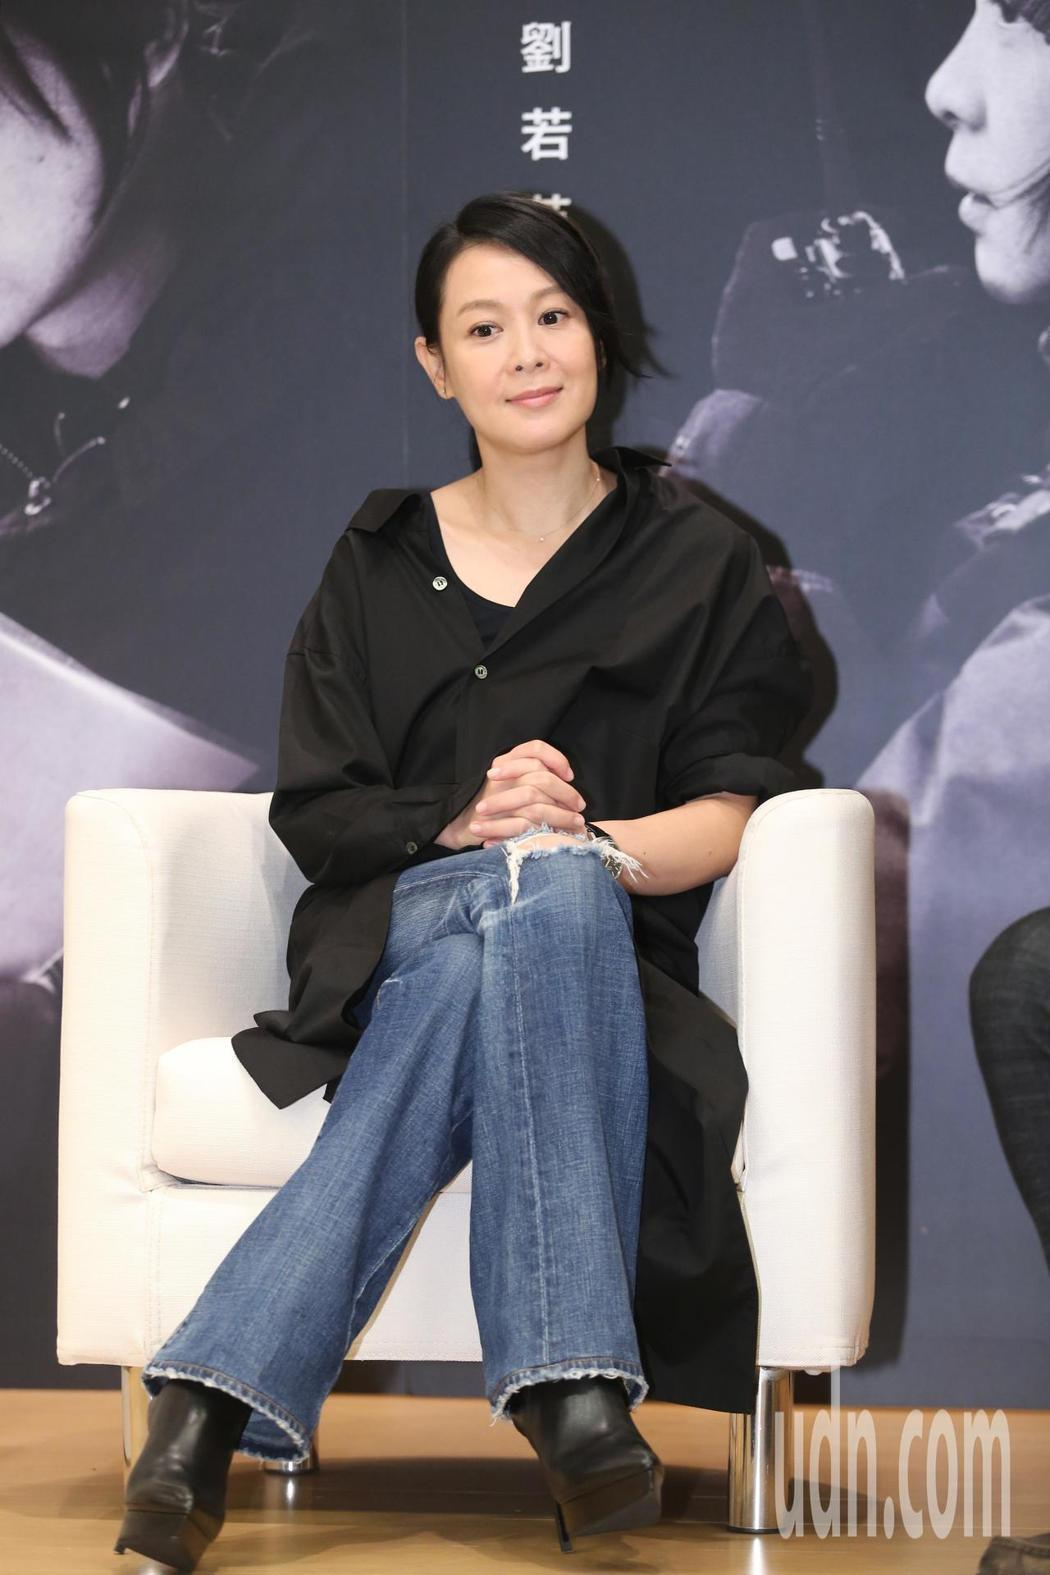 劉若英「後來的我們」原告求償 片商反擊了